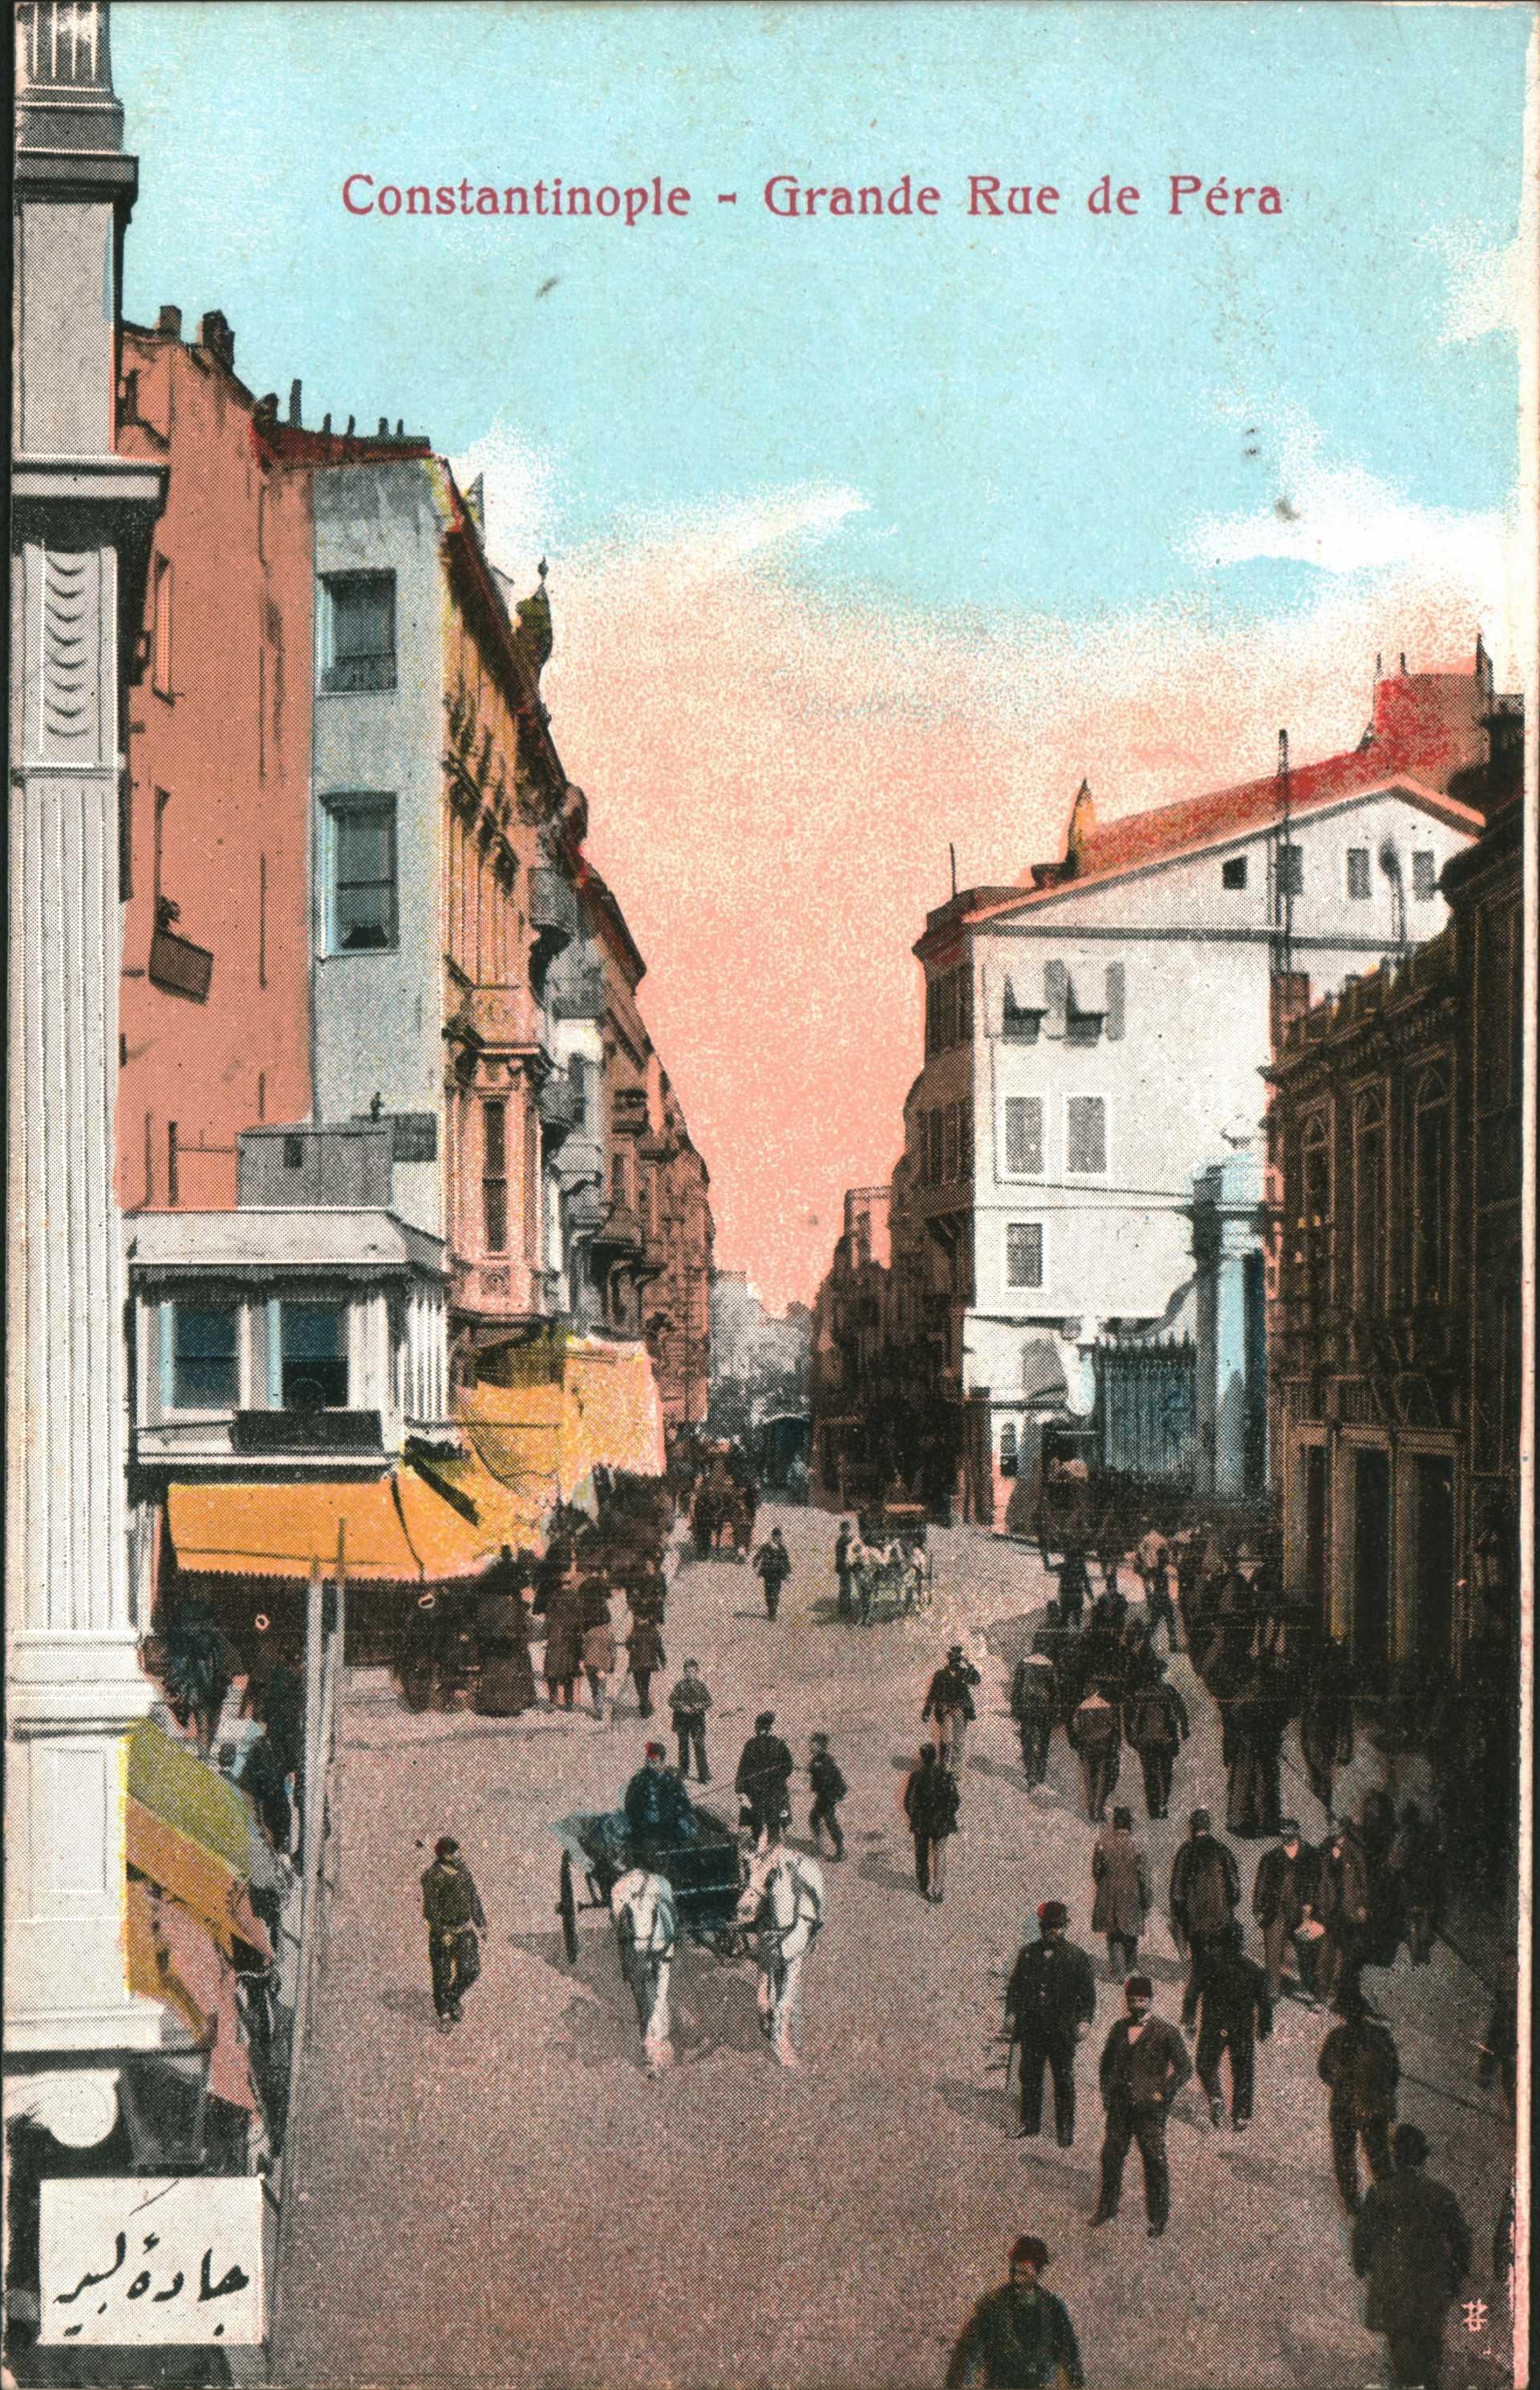 Constantinople – Grande Rue de Pera